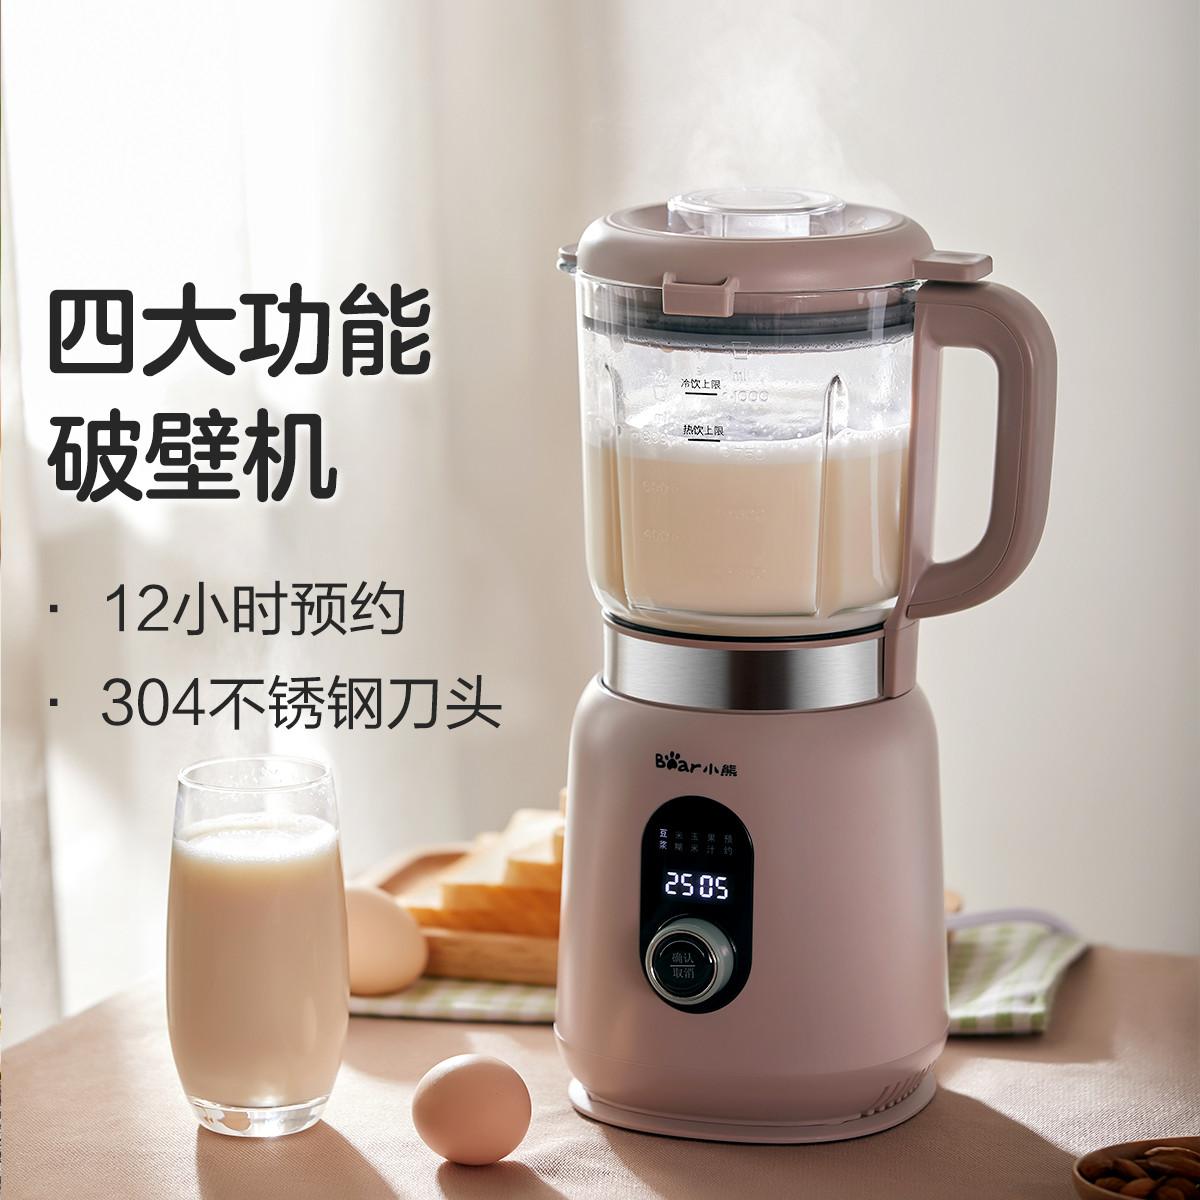 【一家三口之选】小熊0.8升破壁机家用智能料理榨汁机辅食机